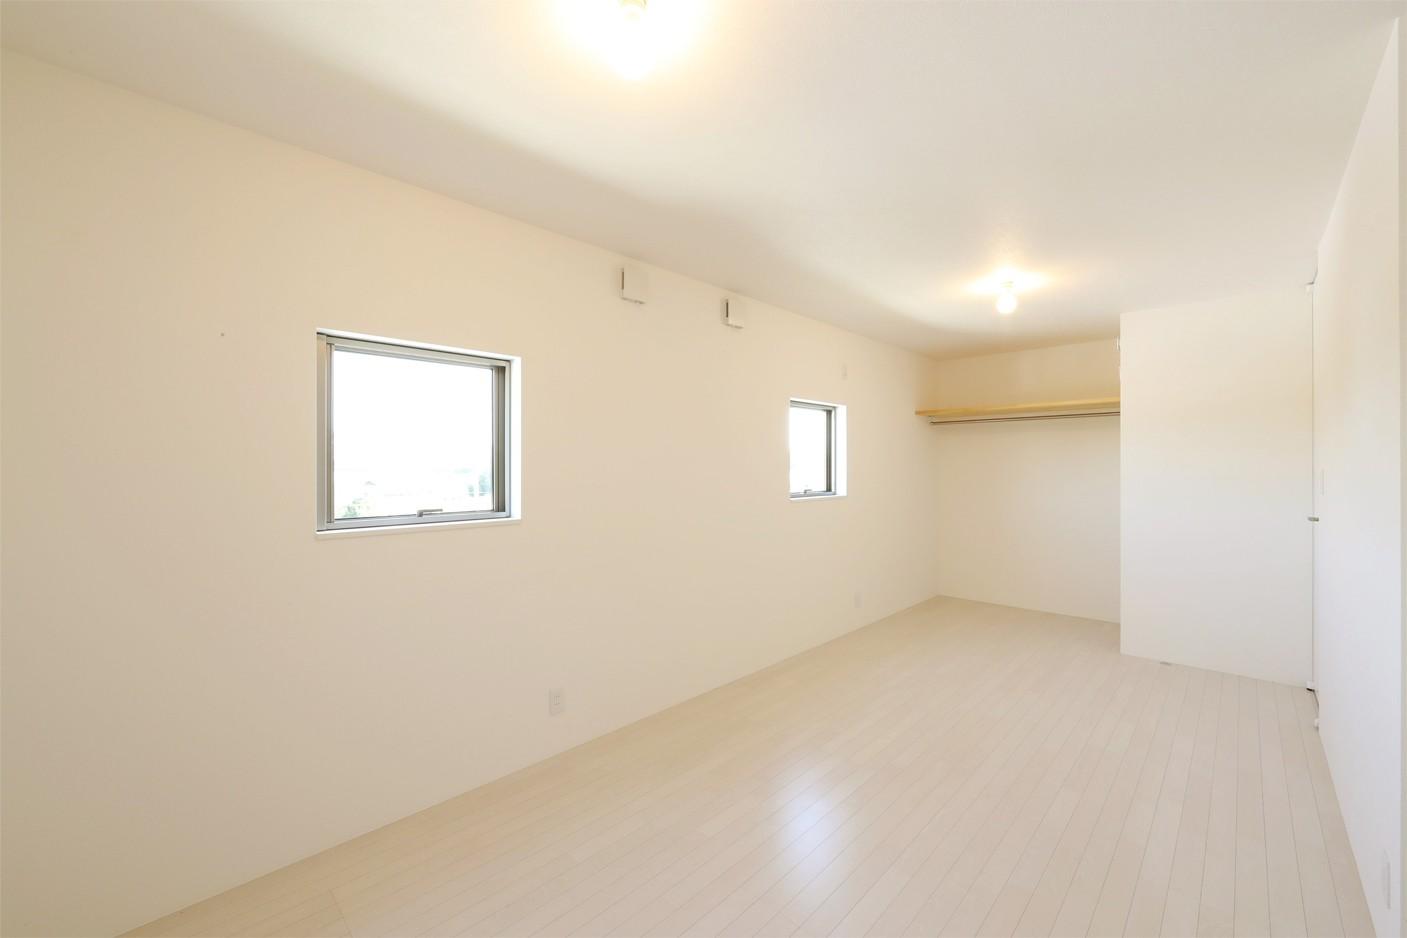 ベッドルーム事例:洋室(カーテン要らずの爽快な暮らし。高台立地で選ぶ、2階LDK。「非日常が日常になる家」)